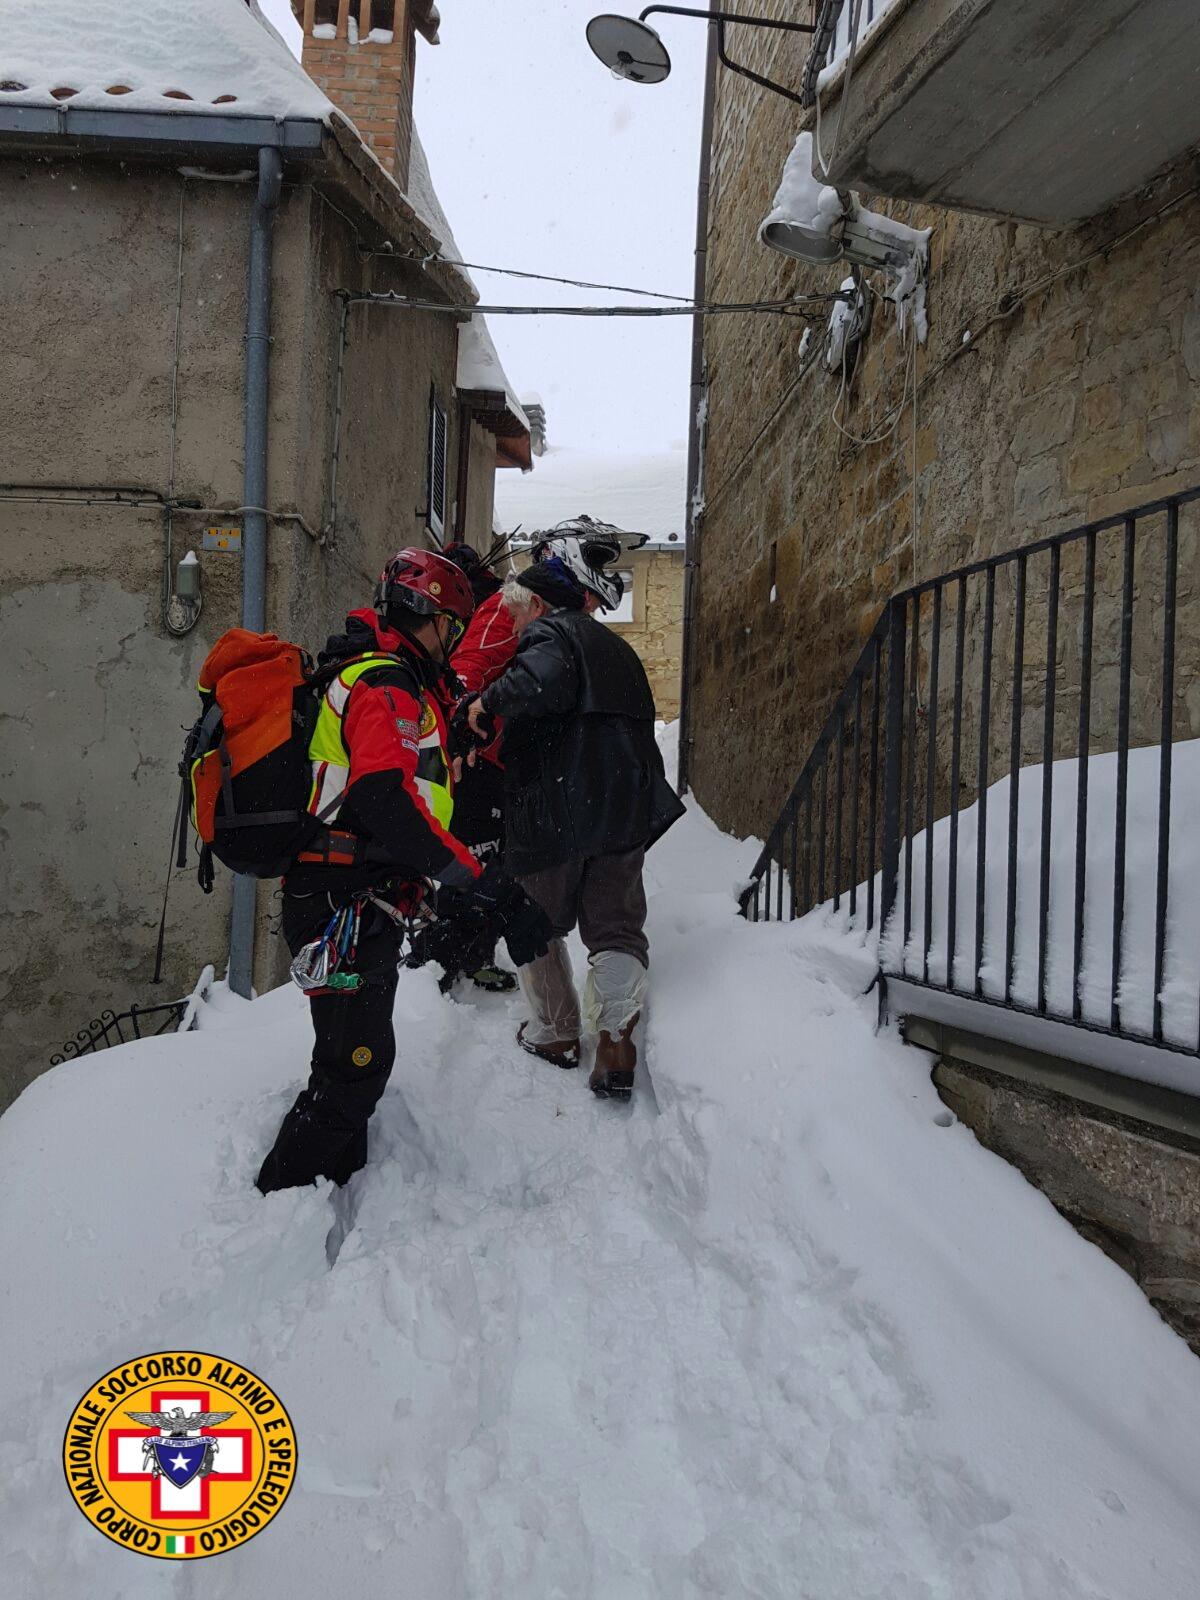 Emergenza neve in Centro Italia: il cuore straordinario dell'Italia che sa aiutare gli altri | Emergency Live 29